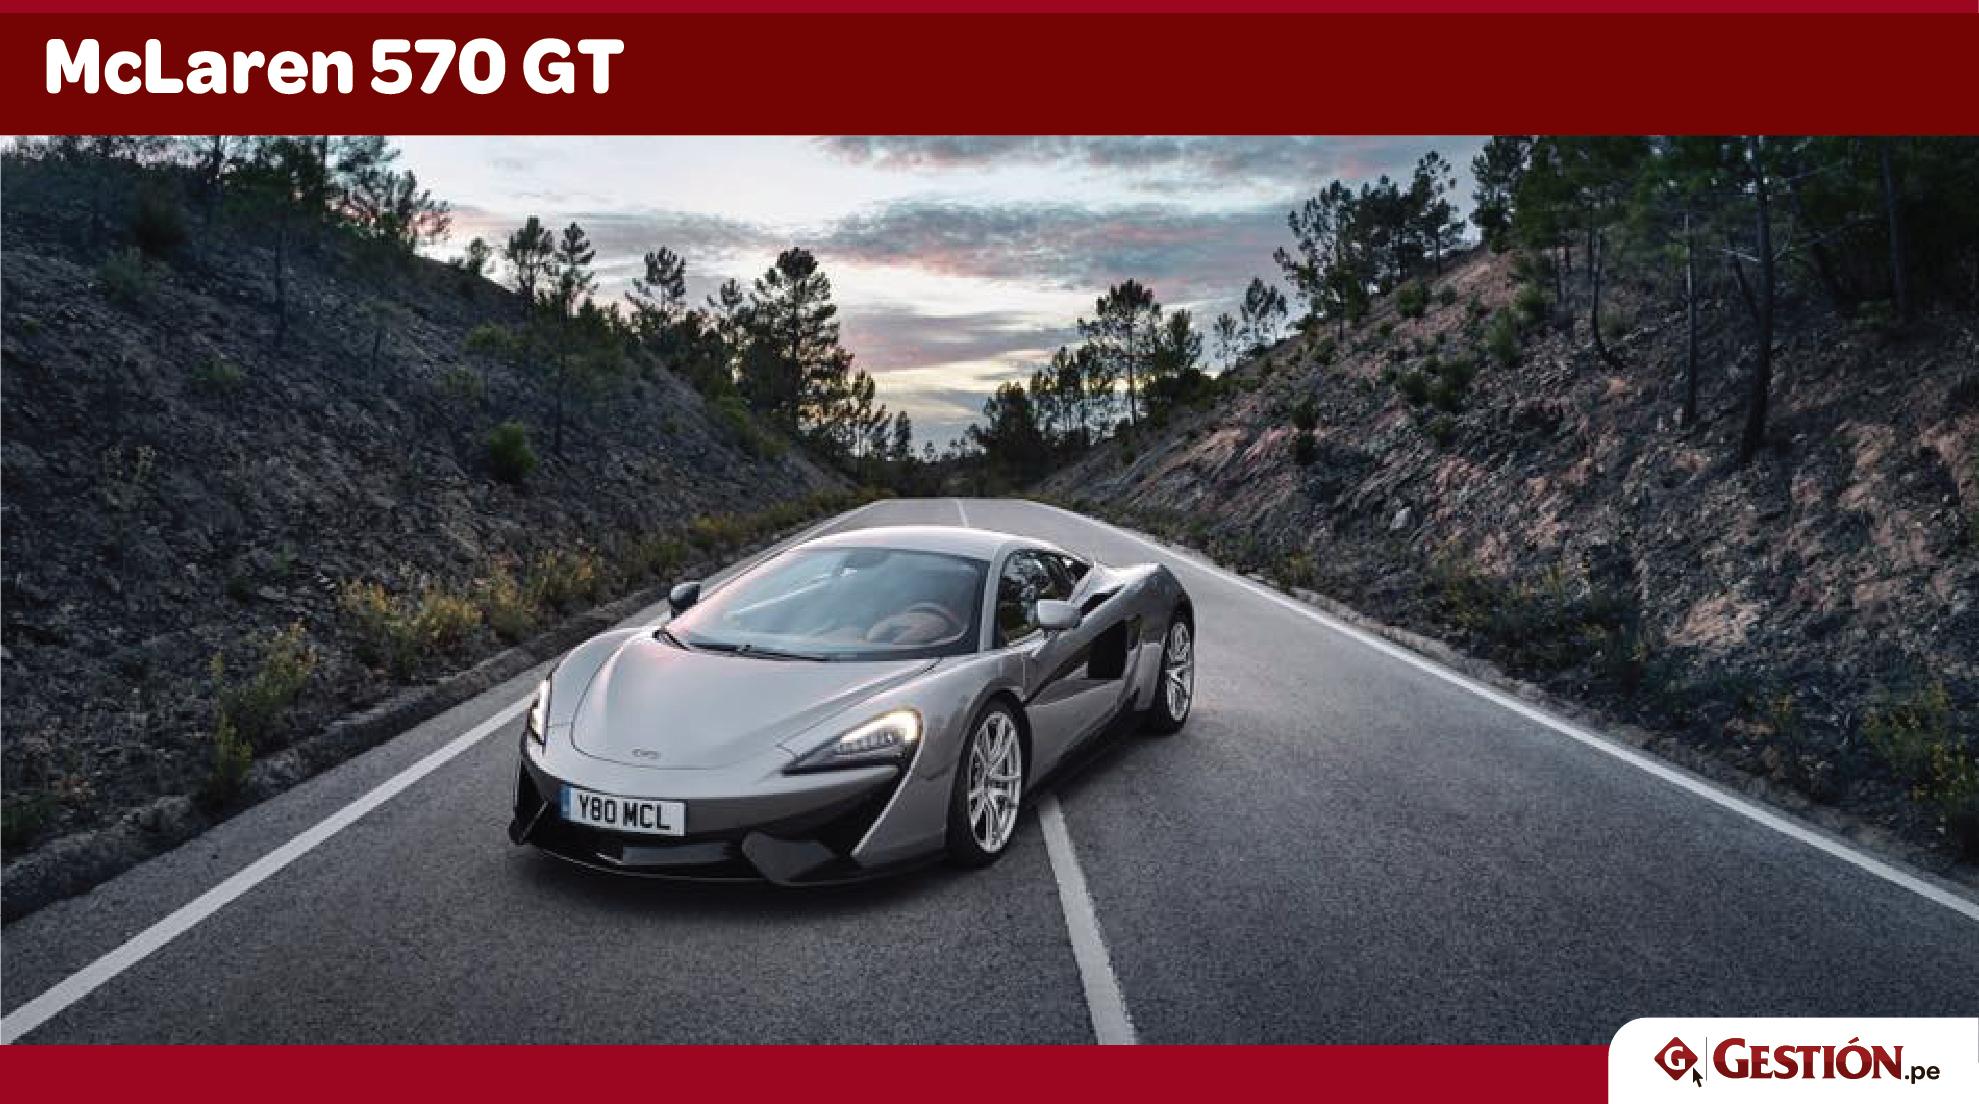 autos, dinero, mundo, velocidad, mejores autos, pagar